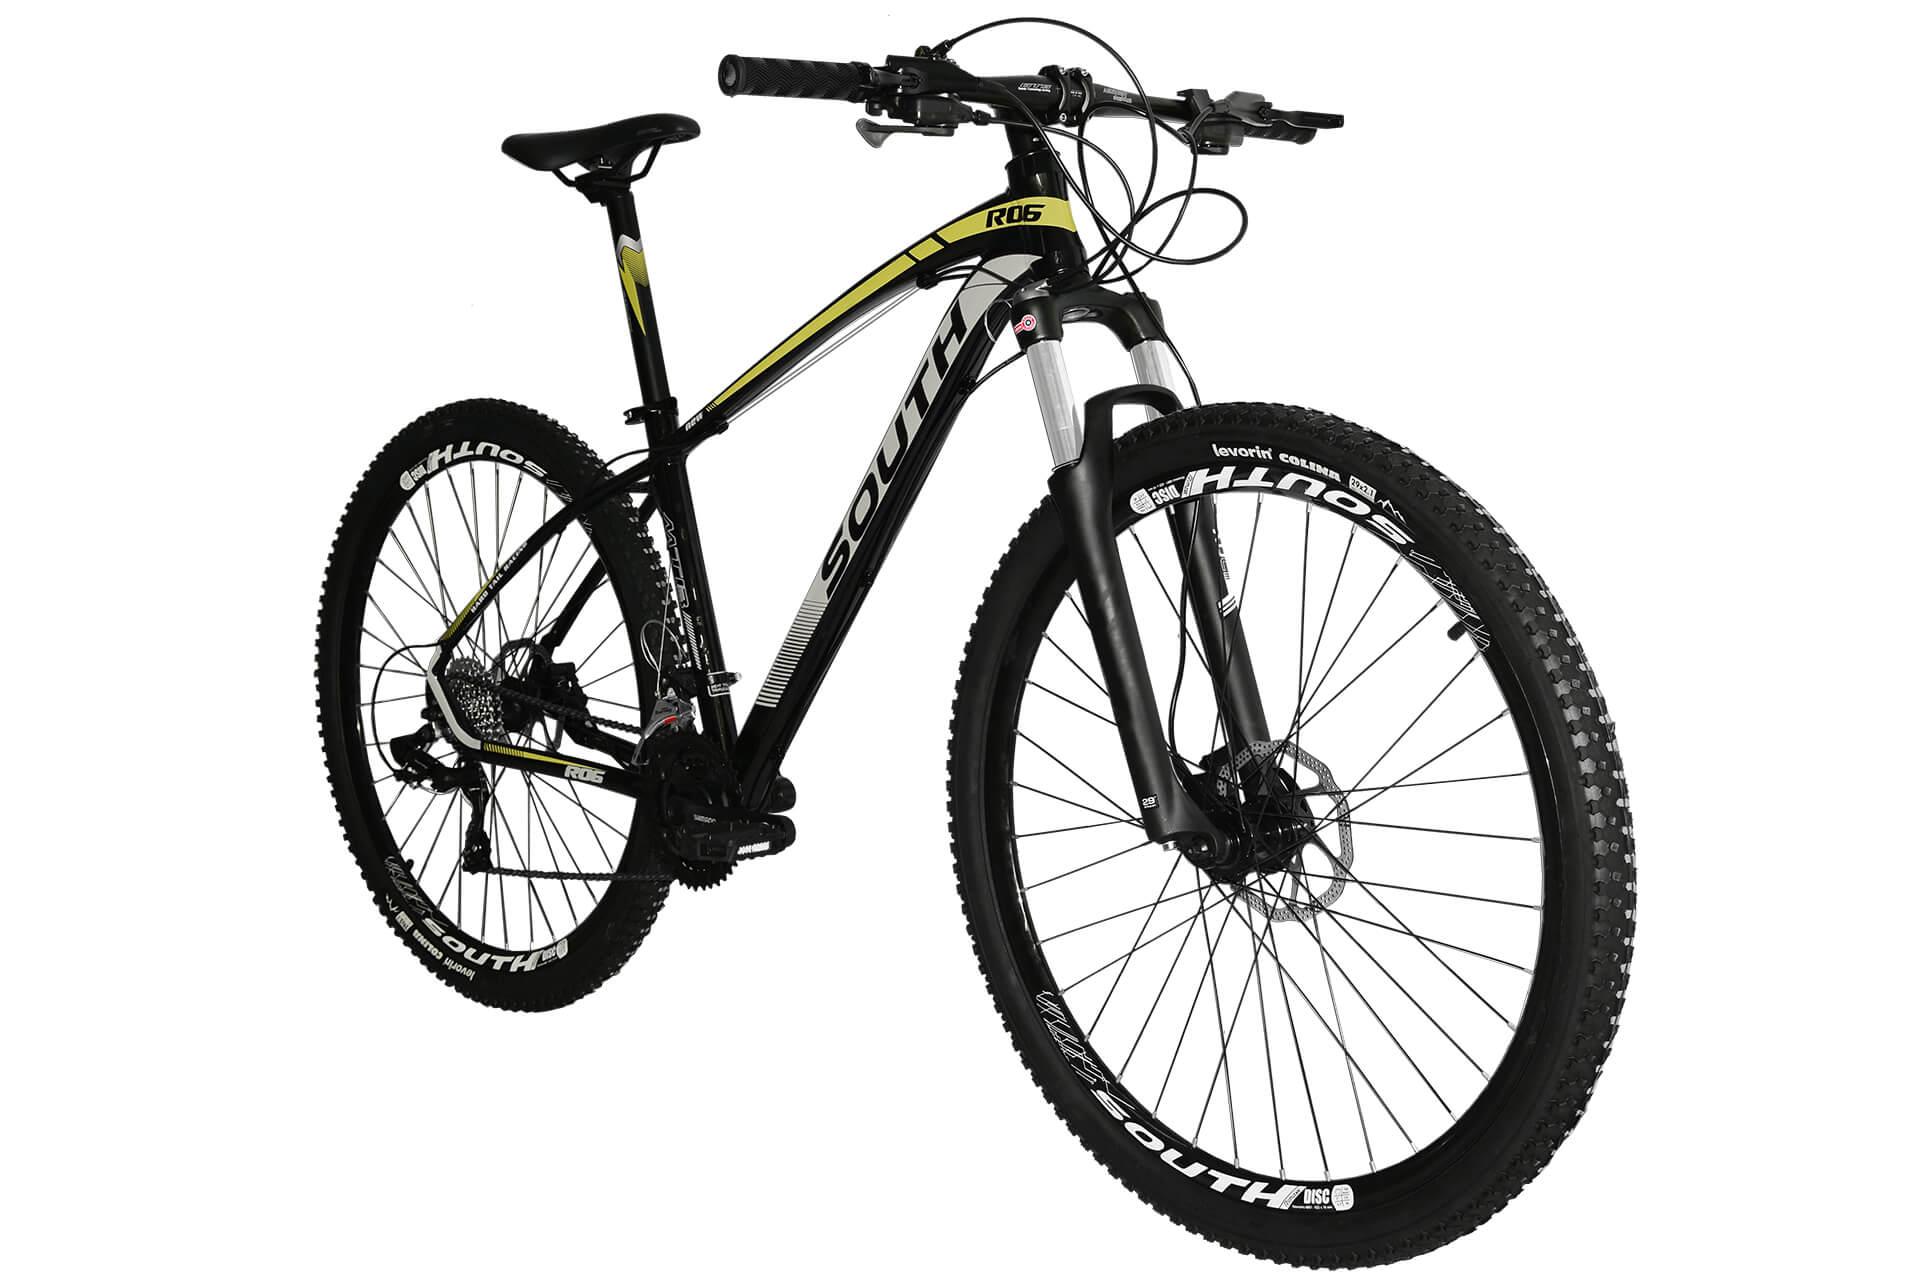 Bicicleta South New R06 24 Marchas - Freios Hidráulicos - Suspensão com Trava - Alumínio